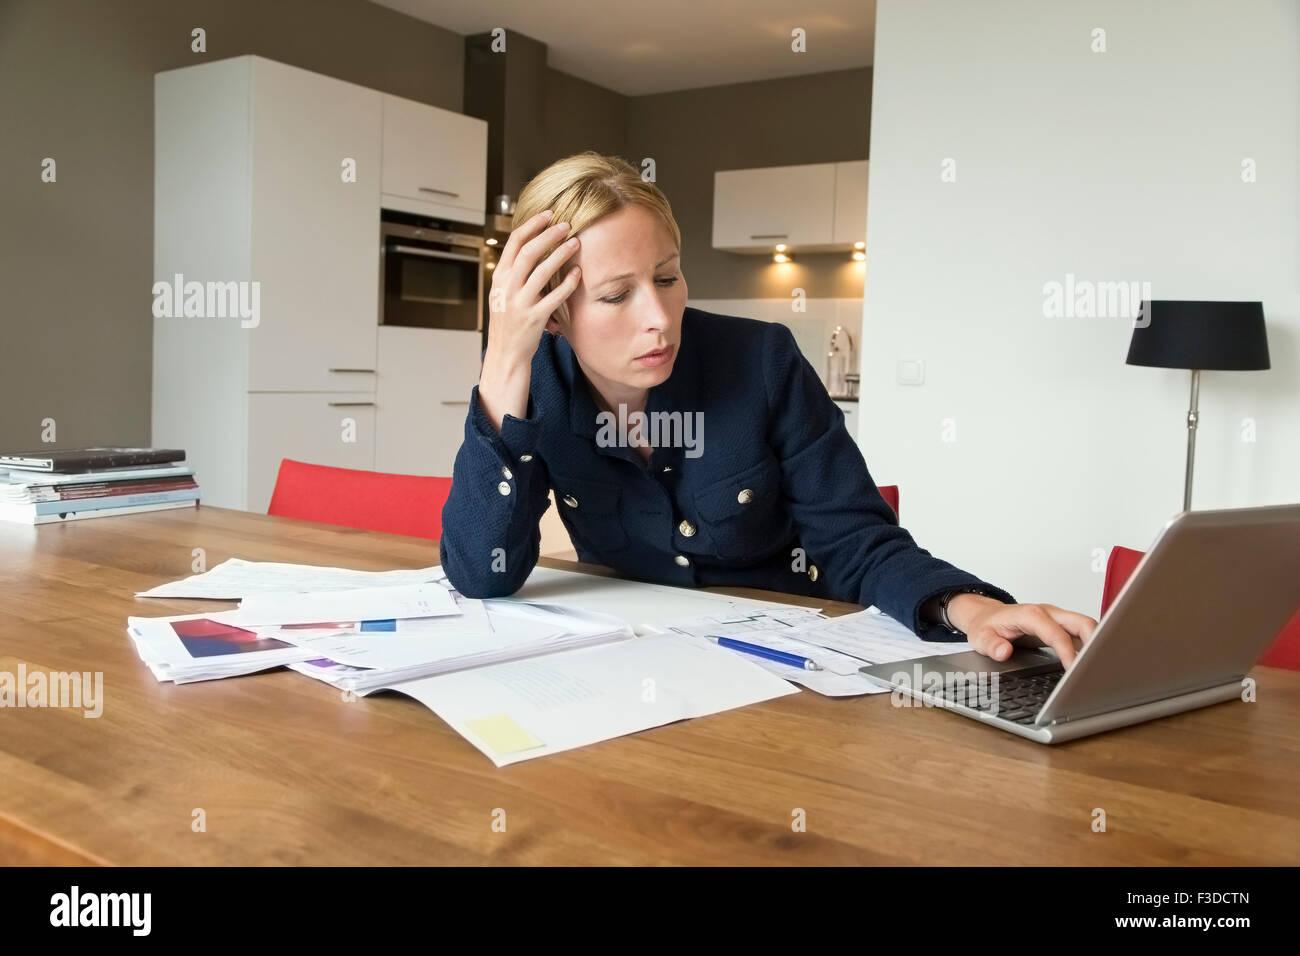 Mujer trabajando en un escritorio Imagen De Stock